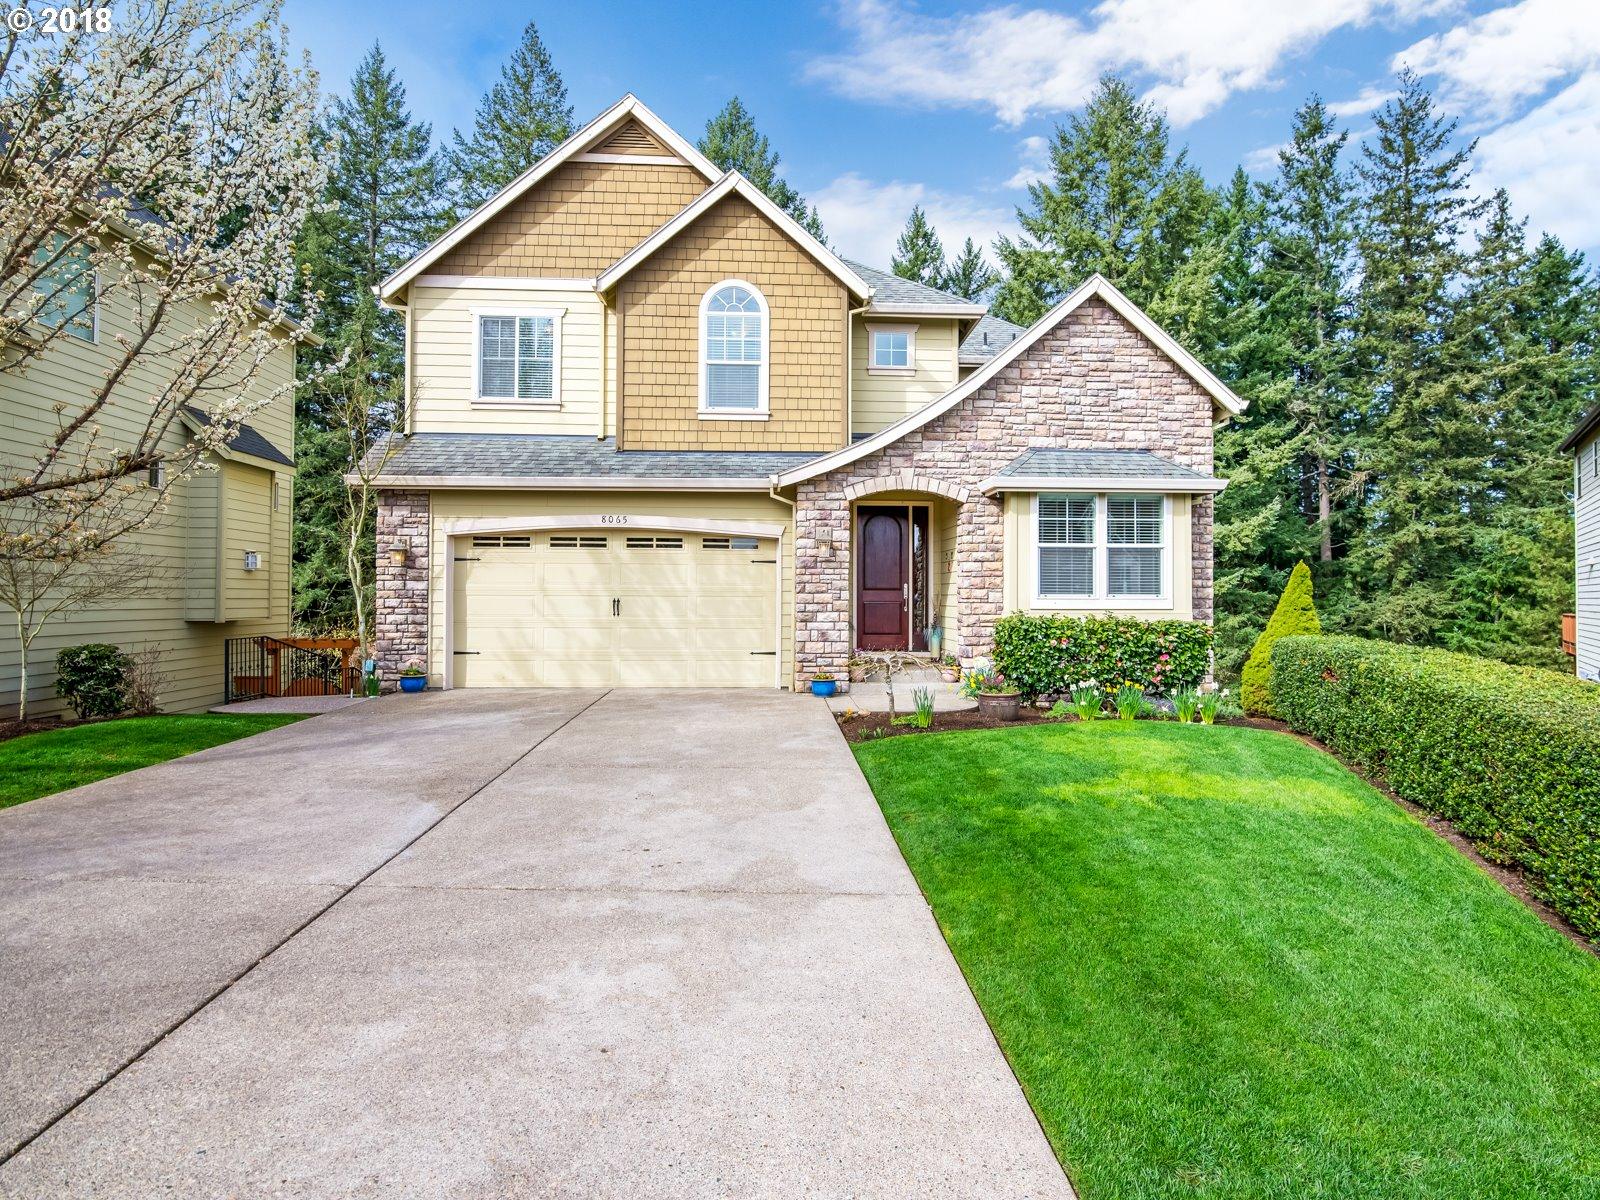 Fullsize Of Homes For Sale Beaverton Oregon